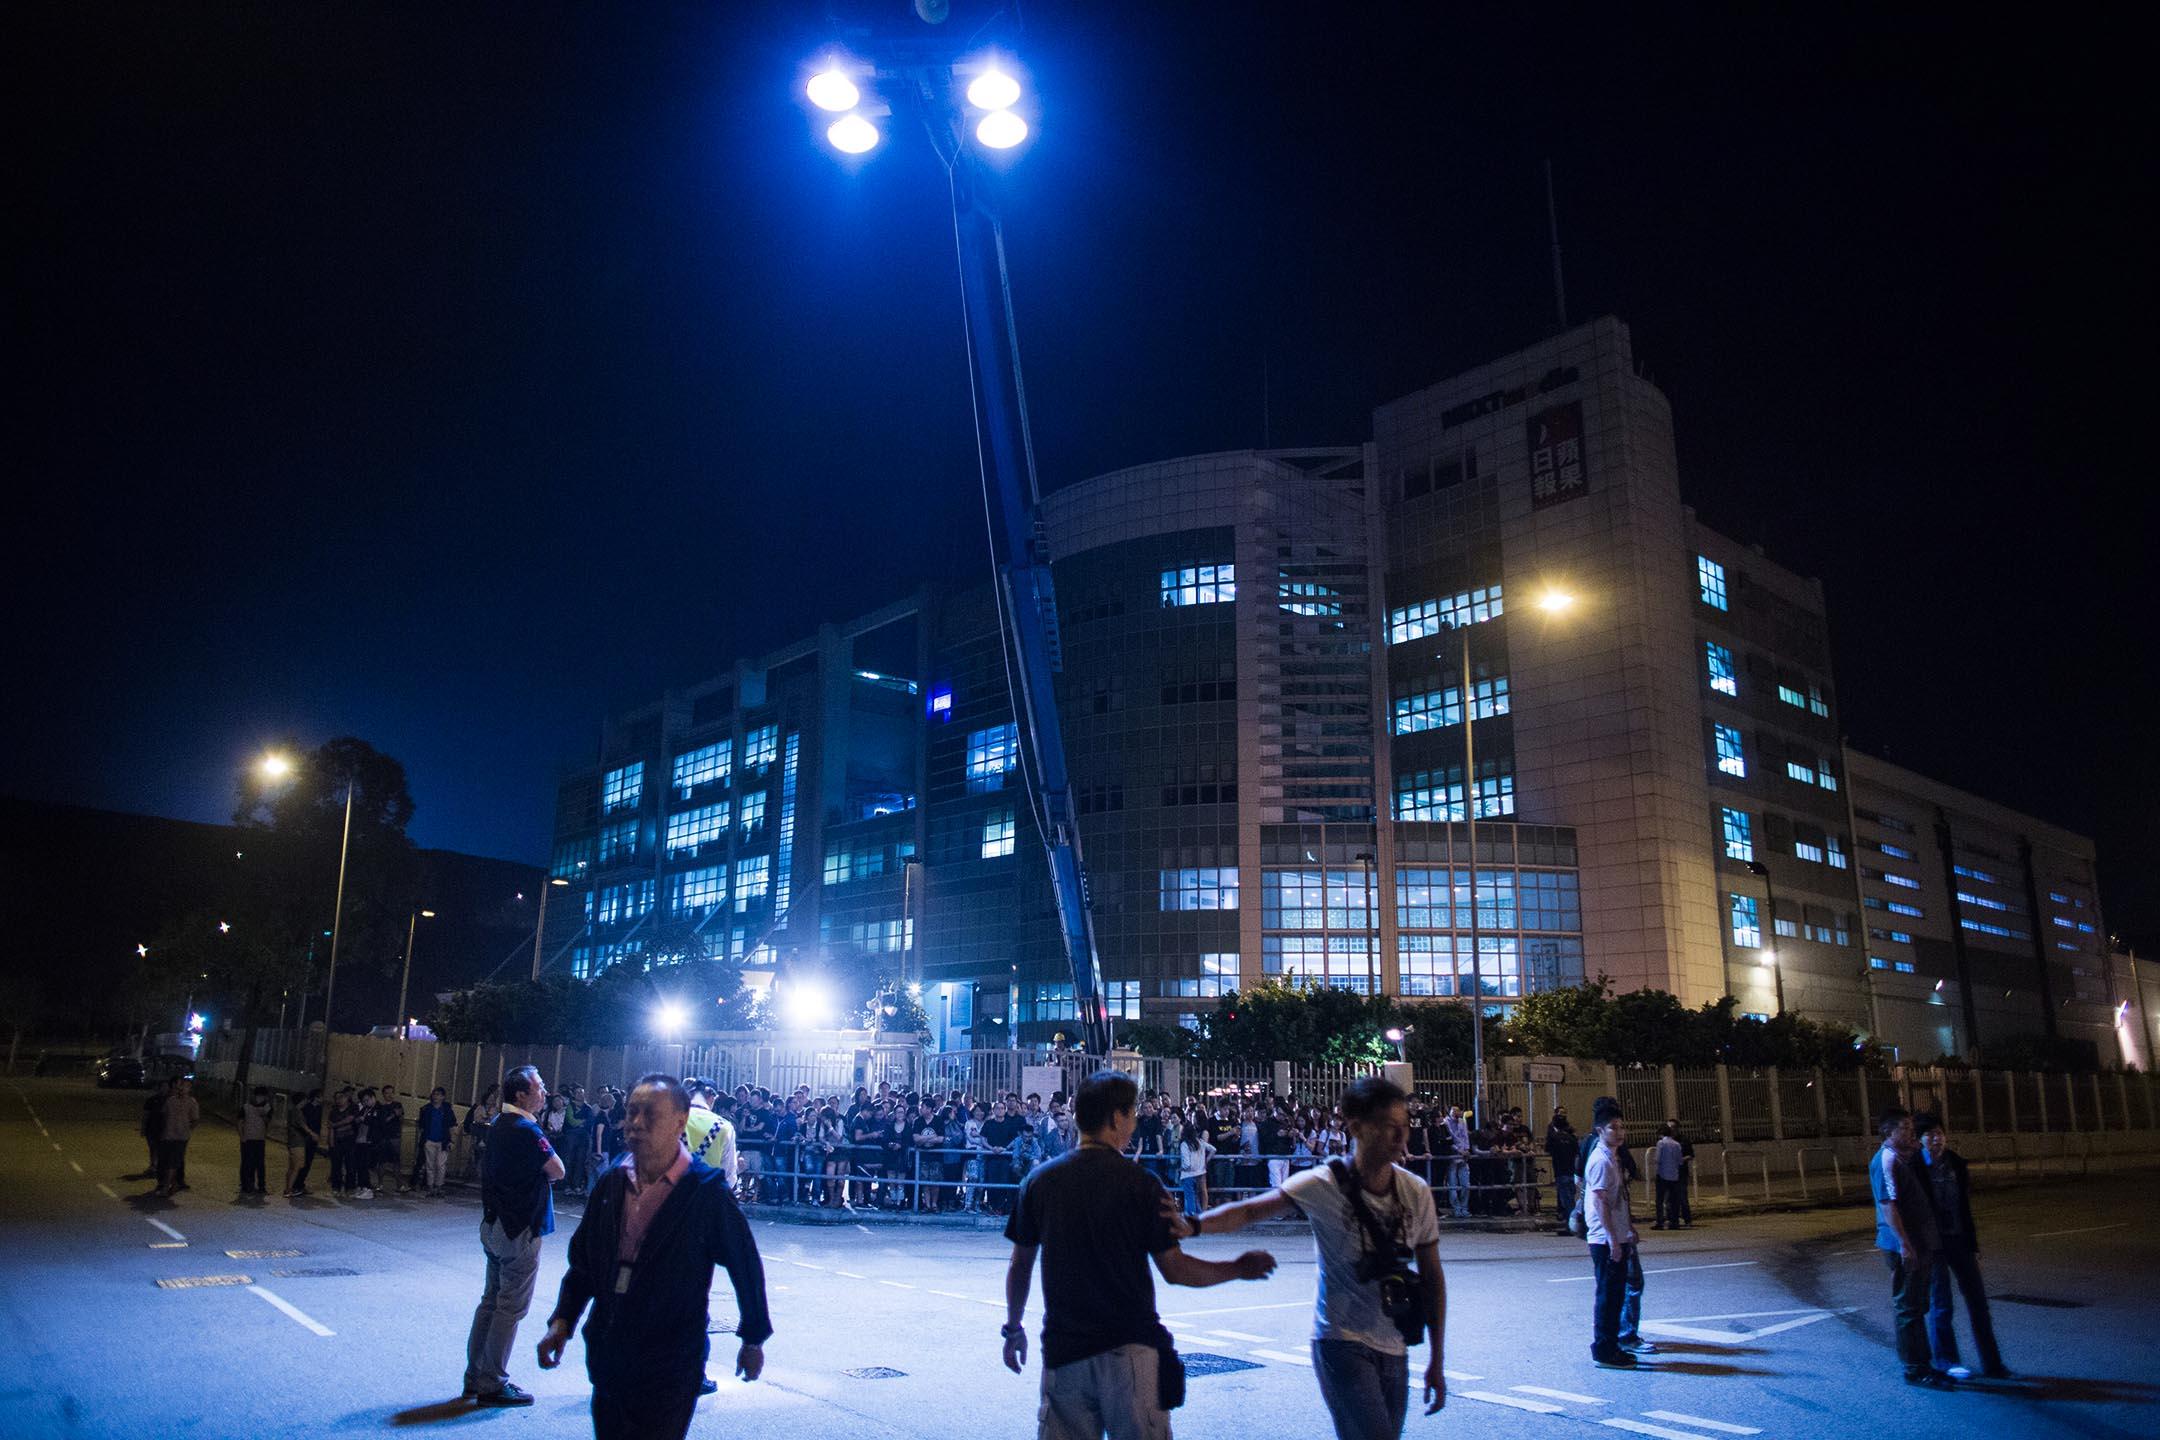 2014年10月15日香港,有市民包圍將軍澳區蘋果日報大樓,阻止報紙出版,蘋果員工築成人鍊,護送貨車離開。 攝:Lam Yik Fei/Bloomberg via Getty Images